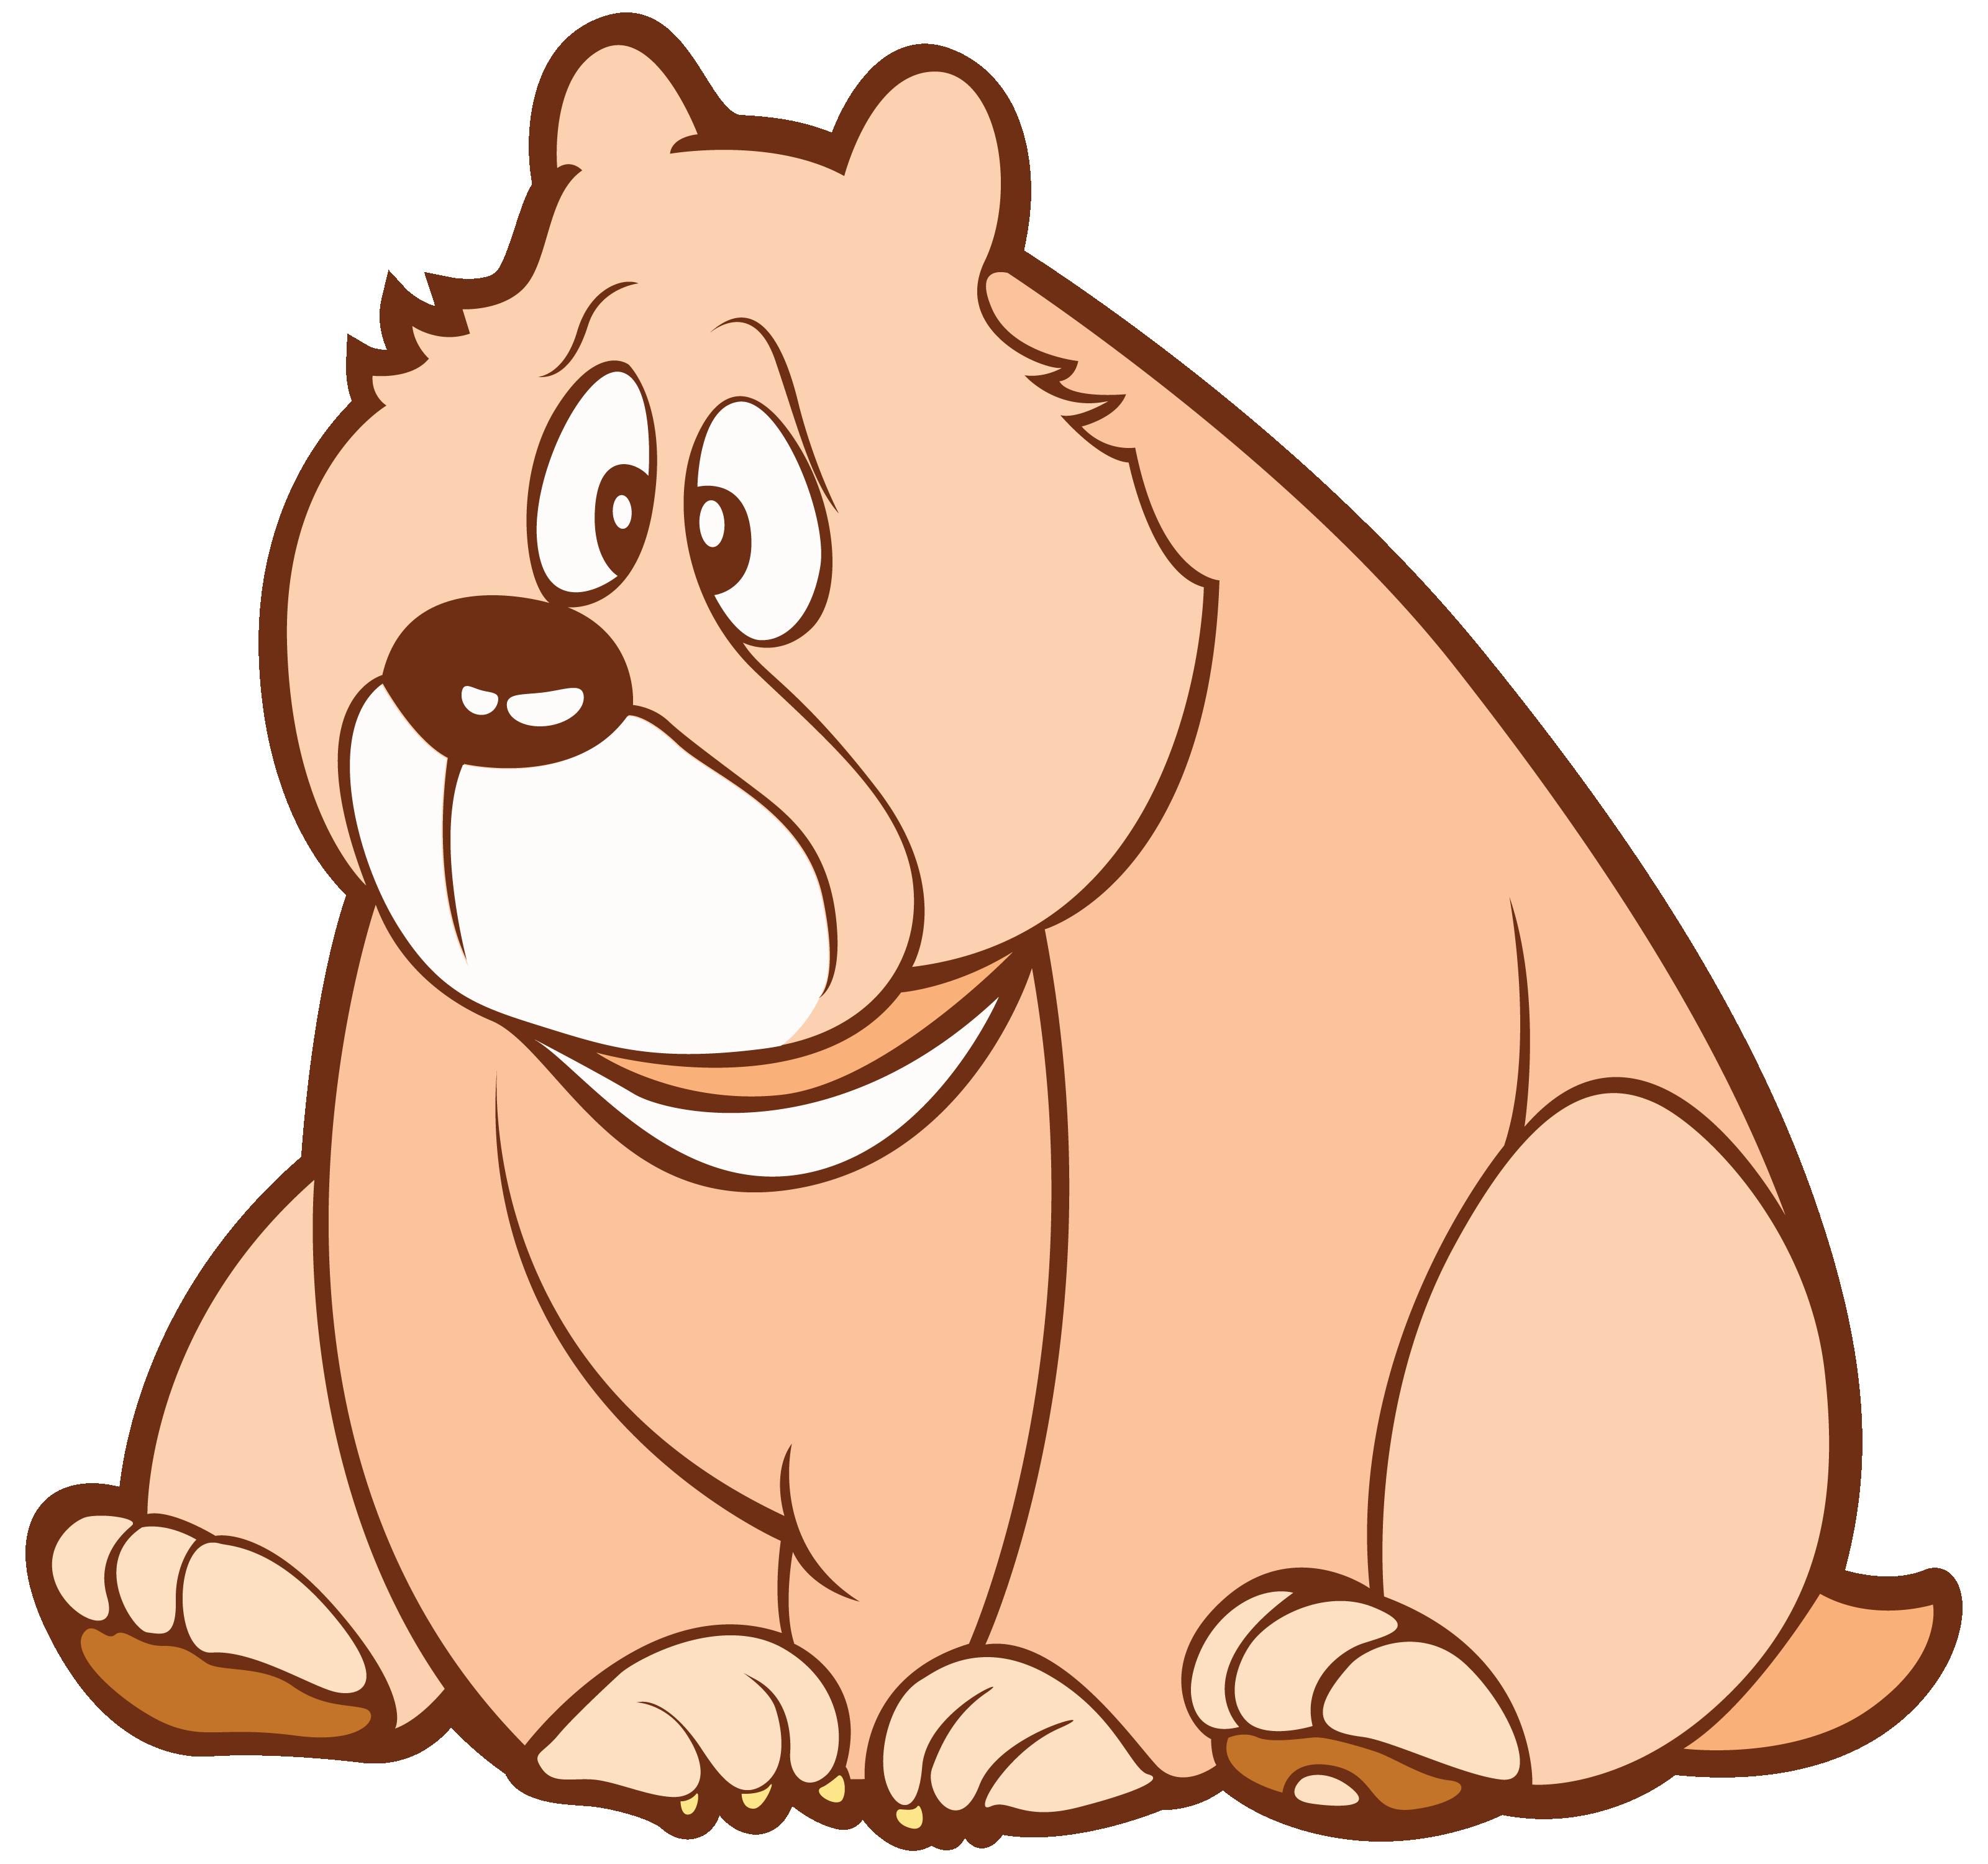 Портреты смешные, рисунок медведь прикольный